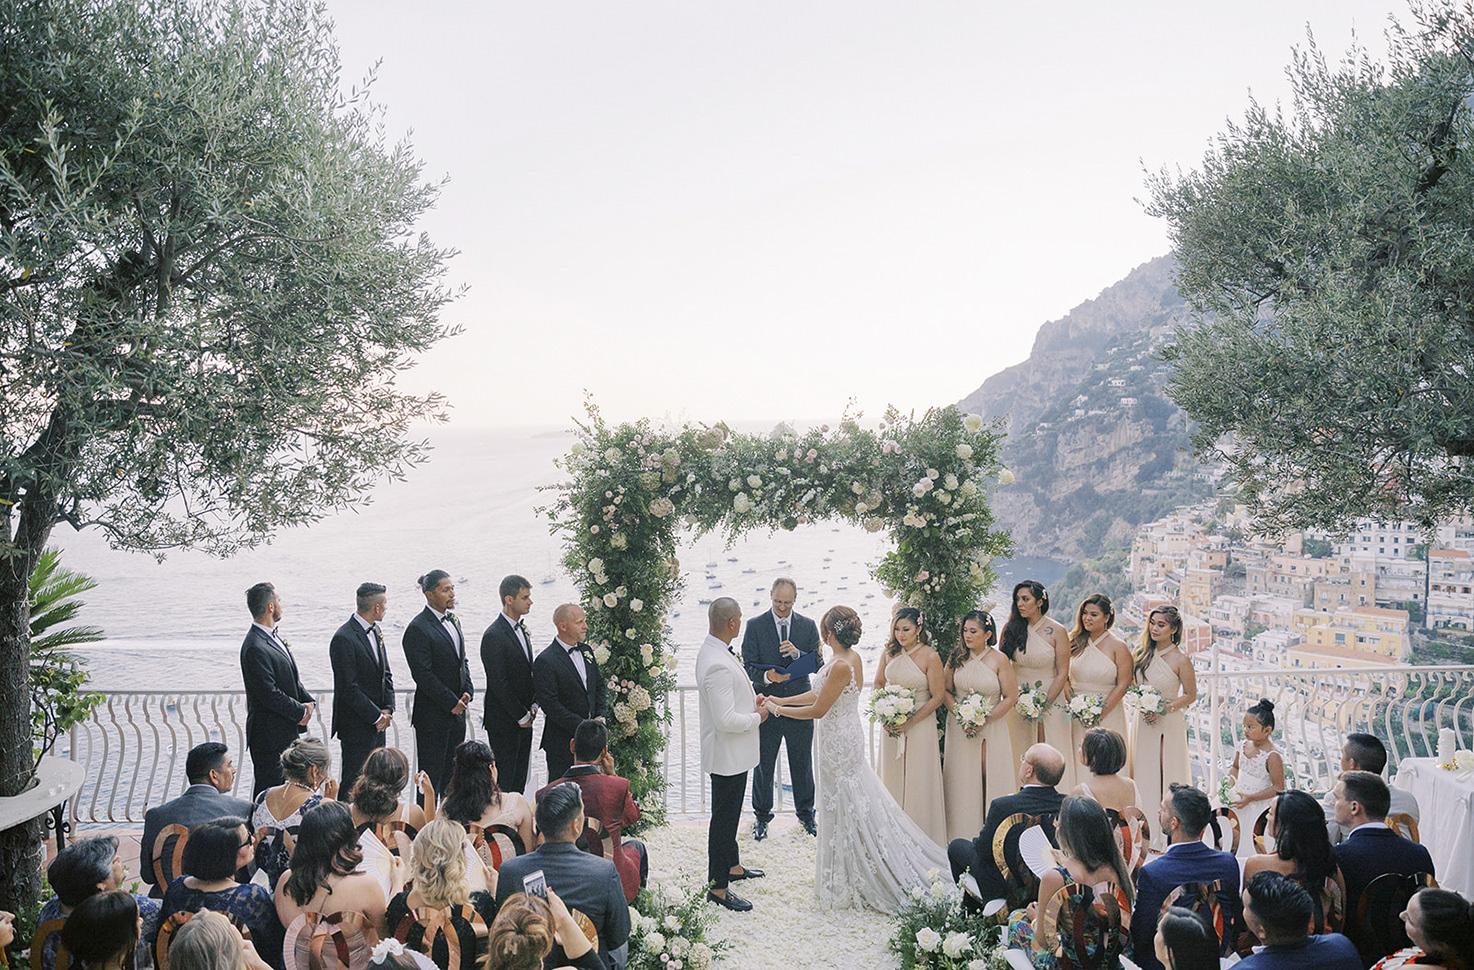 Wedding Ceremony in Positano